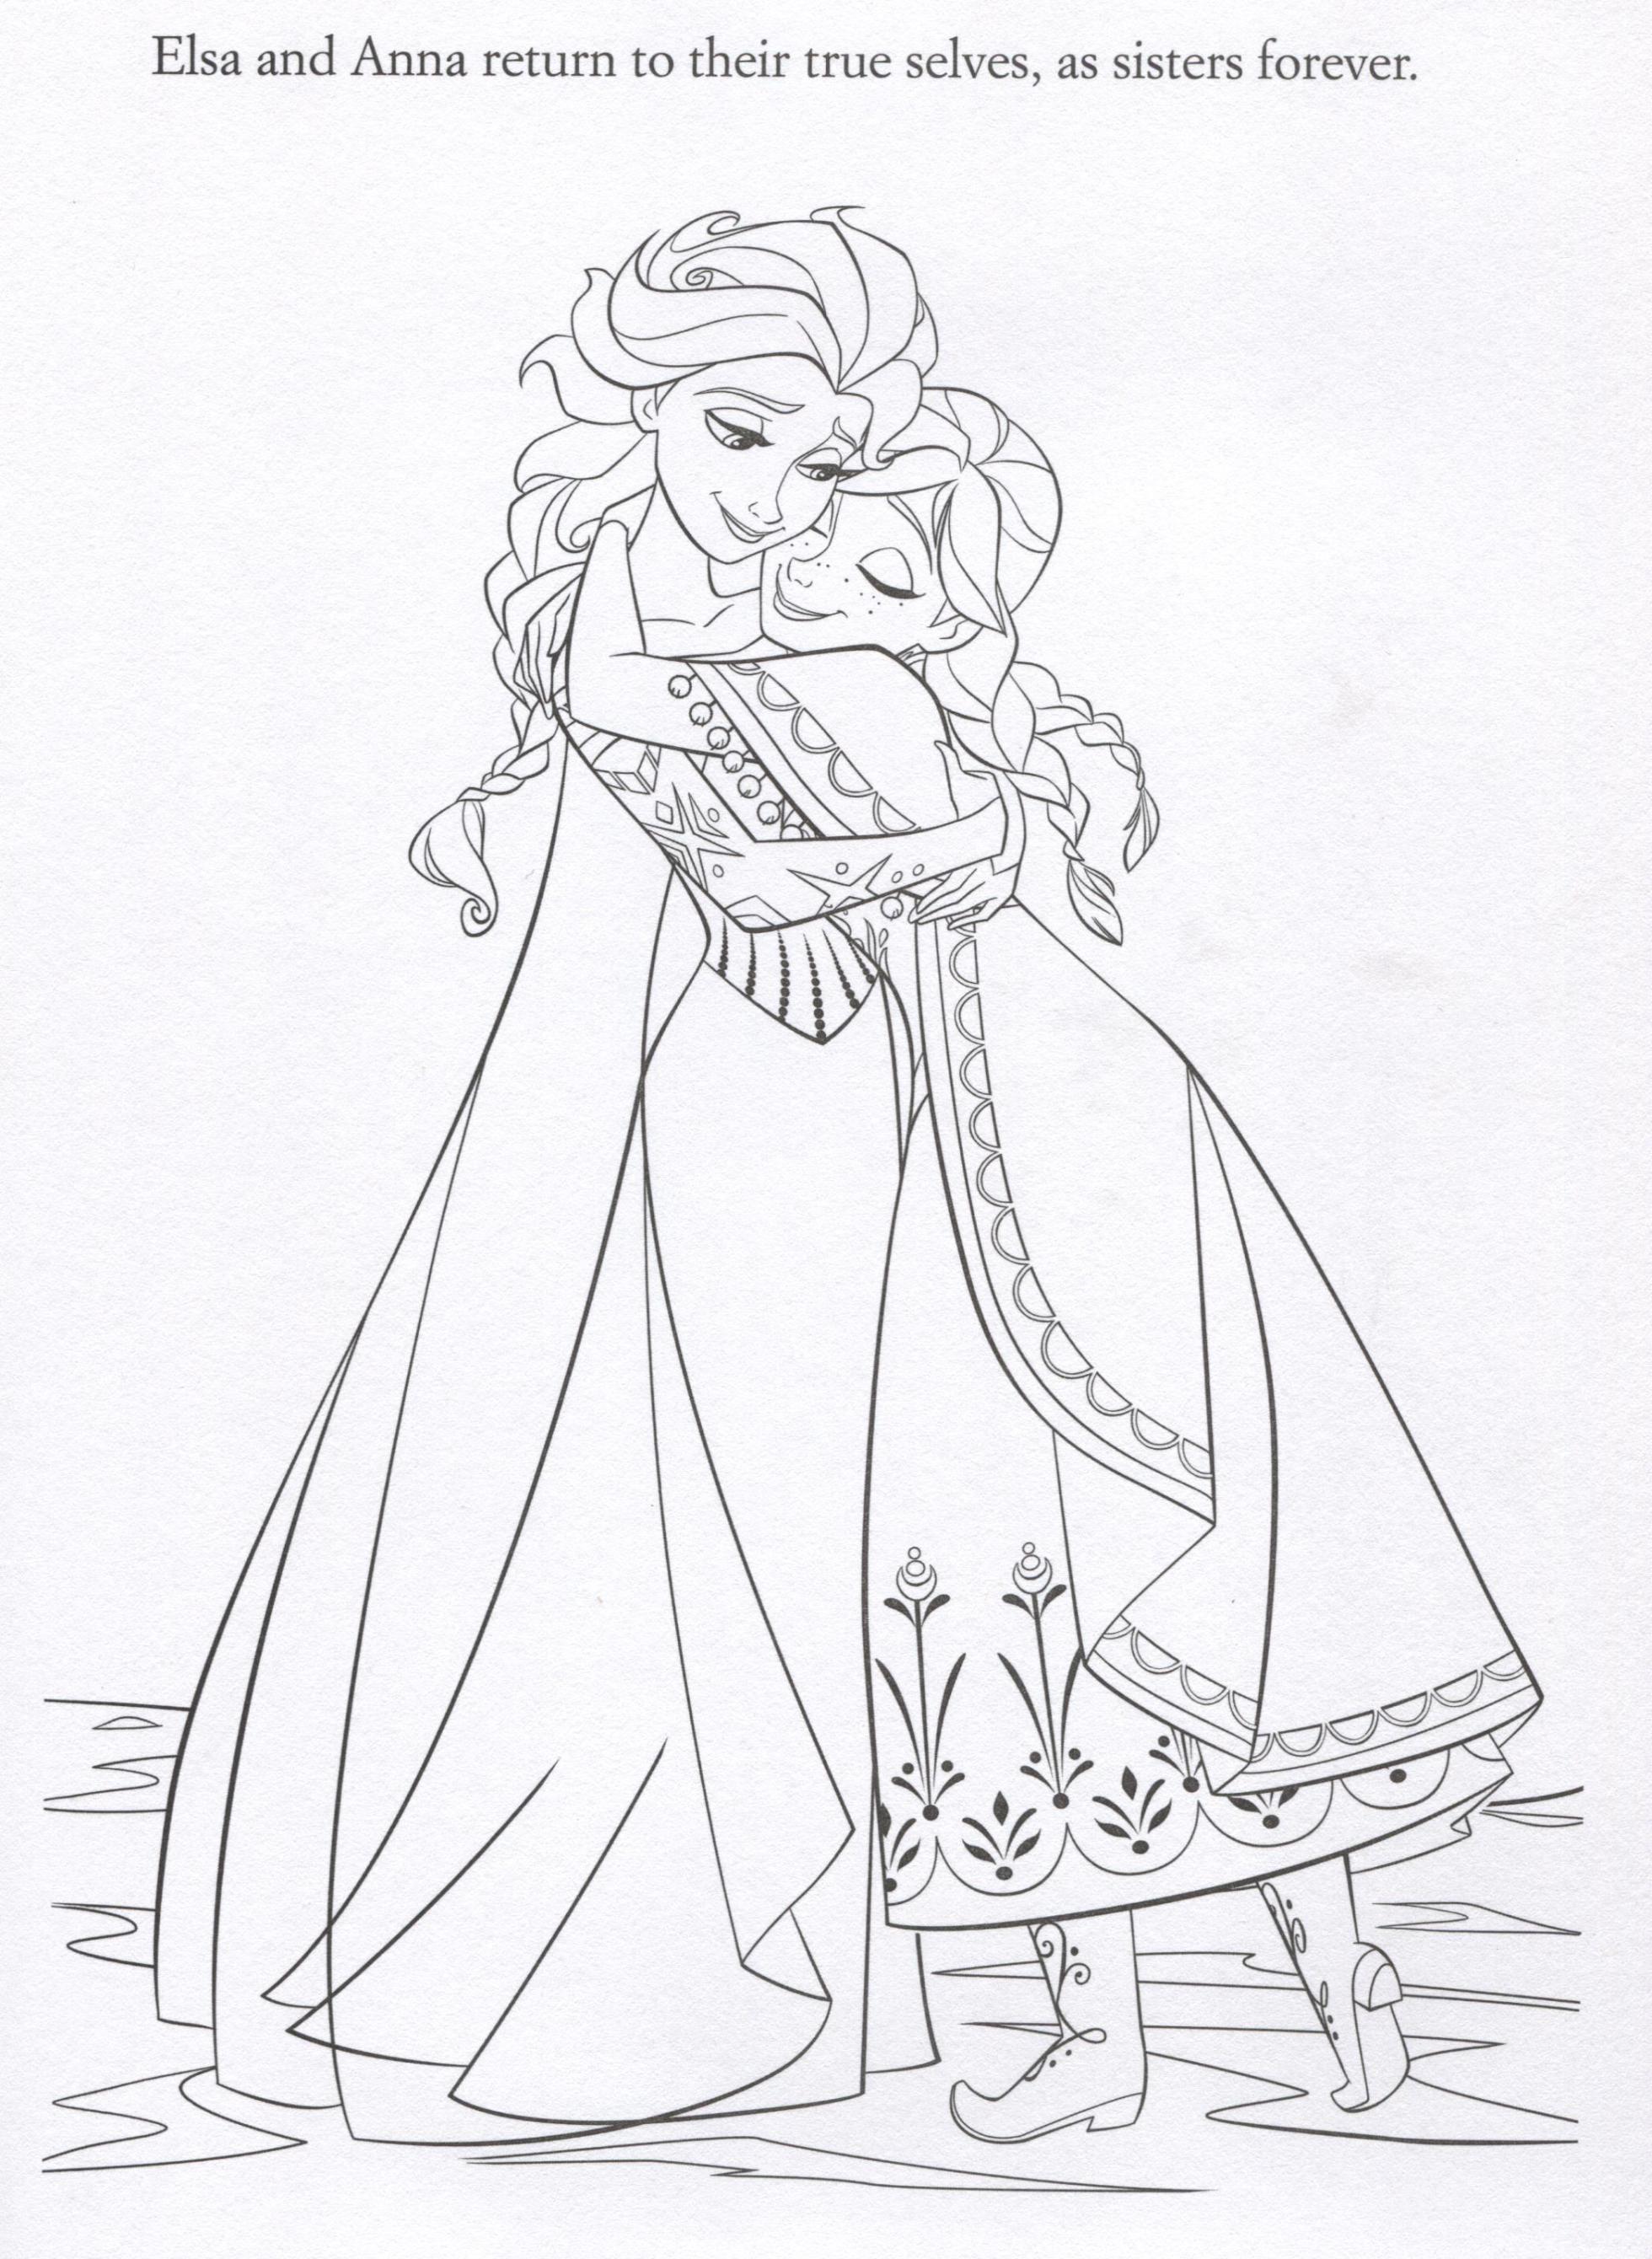 Disney Frozen Coloring Pages Elsa Coloring Pages Frozen Coloring Pages Frozen Coloring